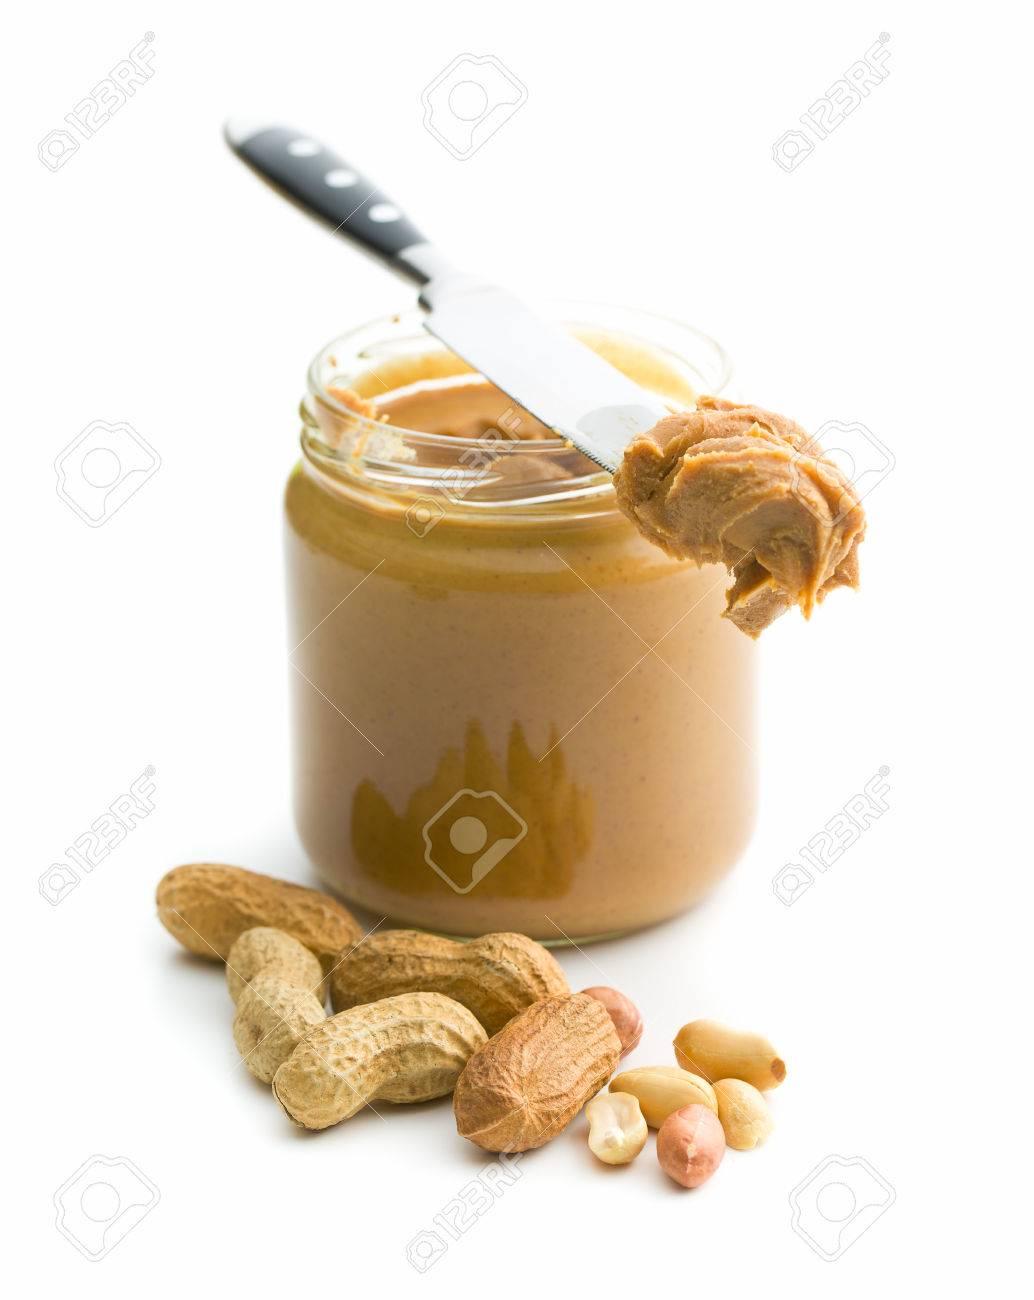 beurre d'arachide crémeux et arachides isolé sur fond blanc. spreads